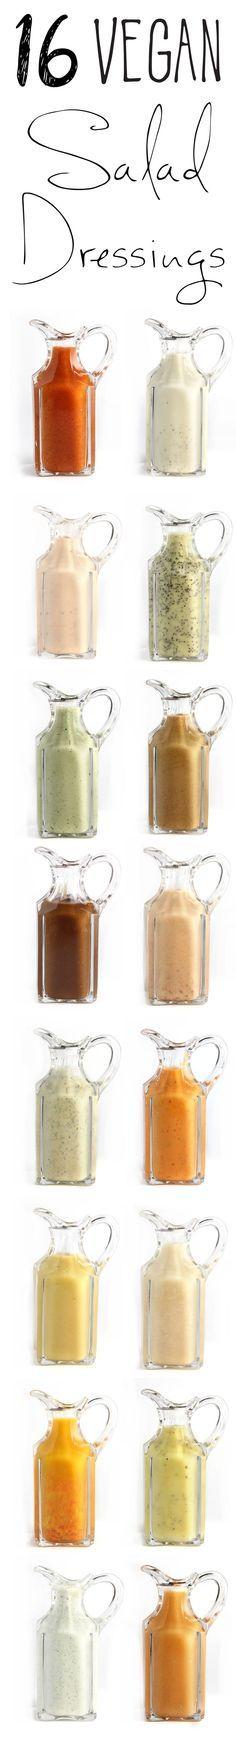 16 Vegan Salad Dressings